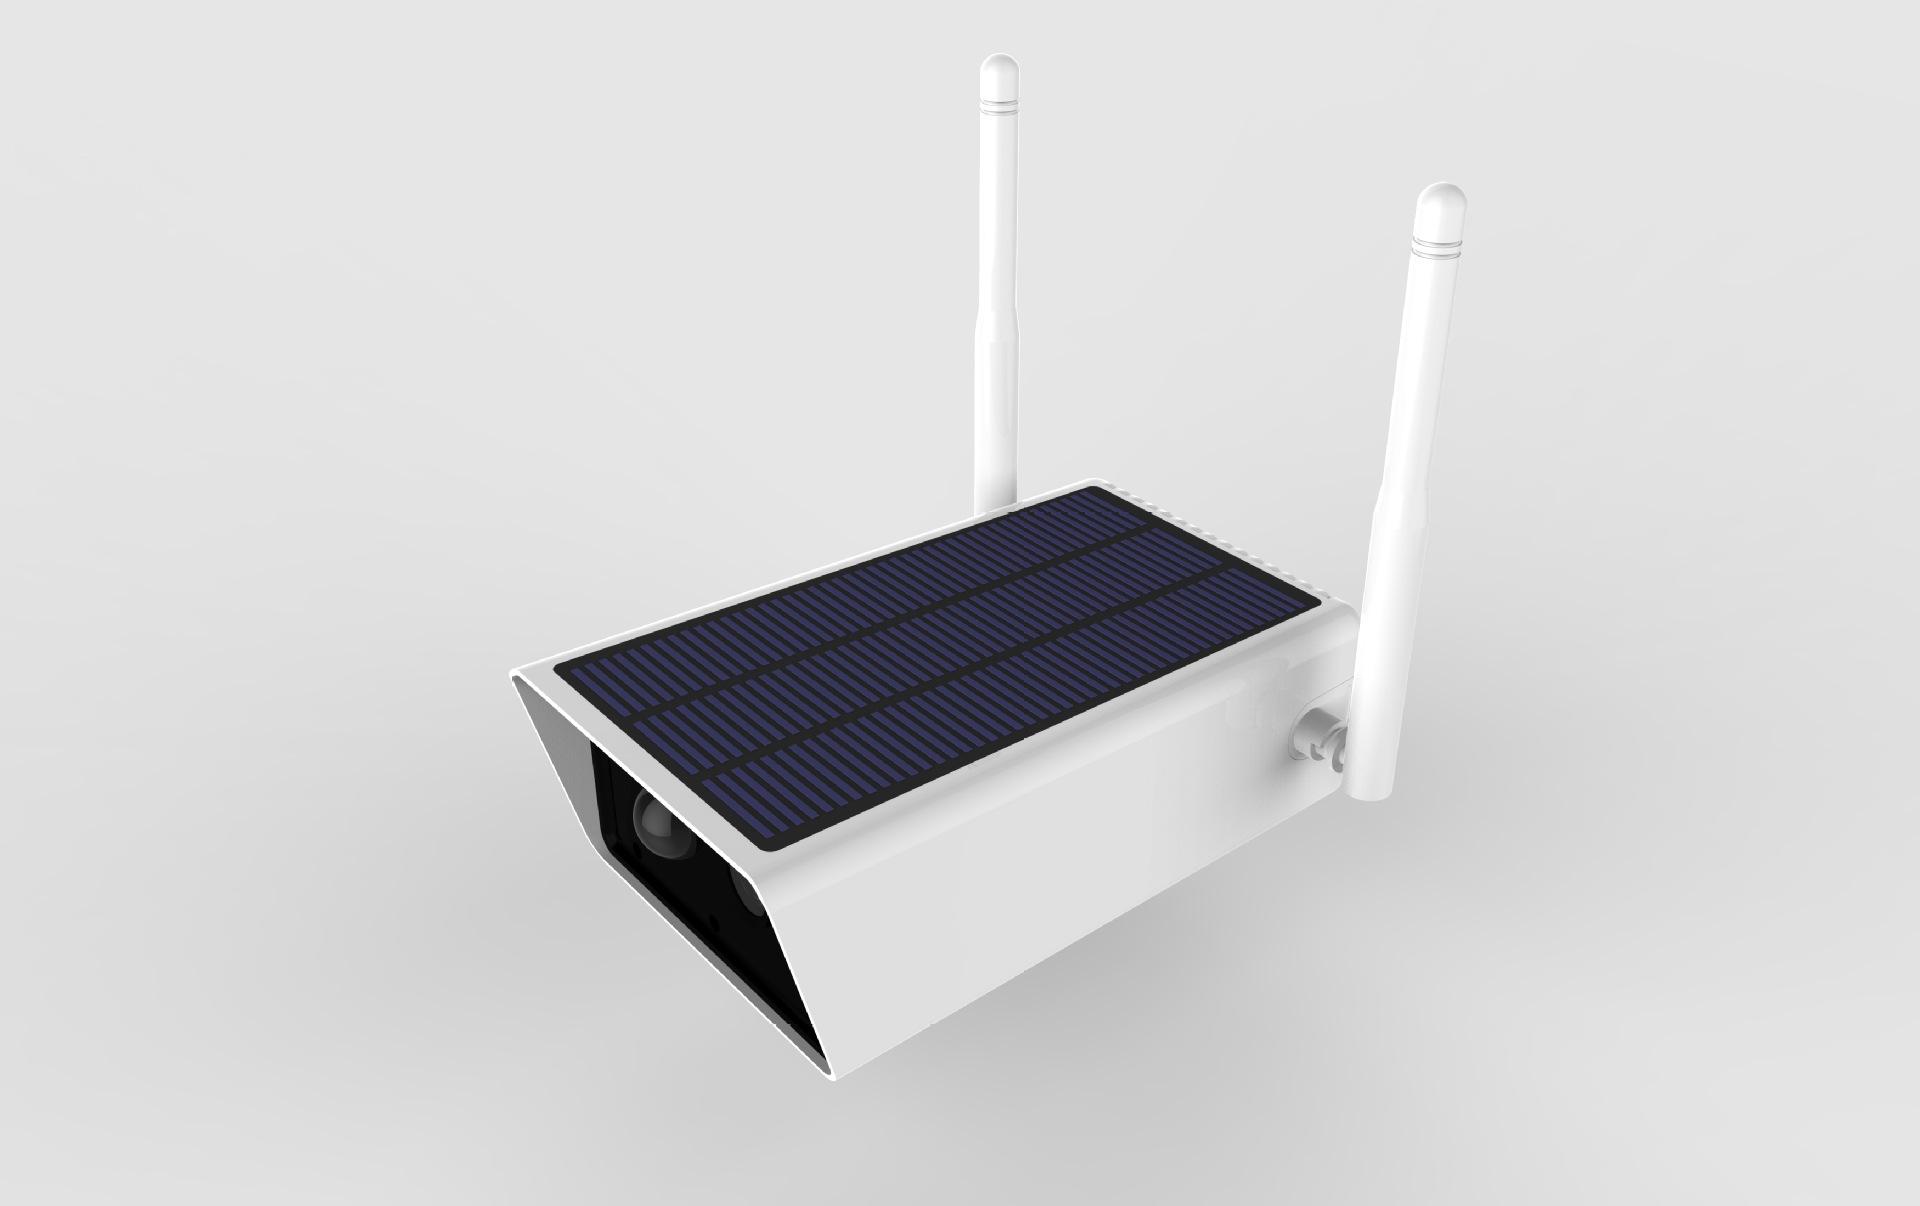 Camera giám sát dùng năng lượng mặt trời thấp .